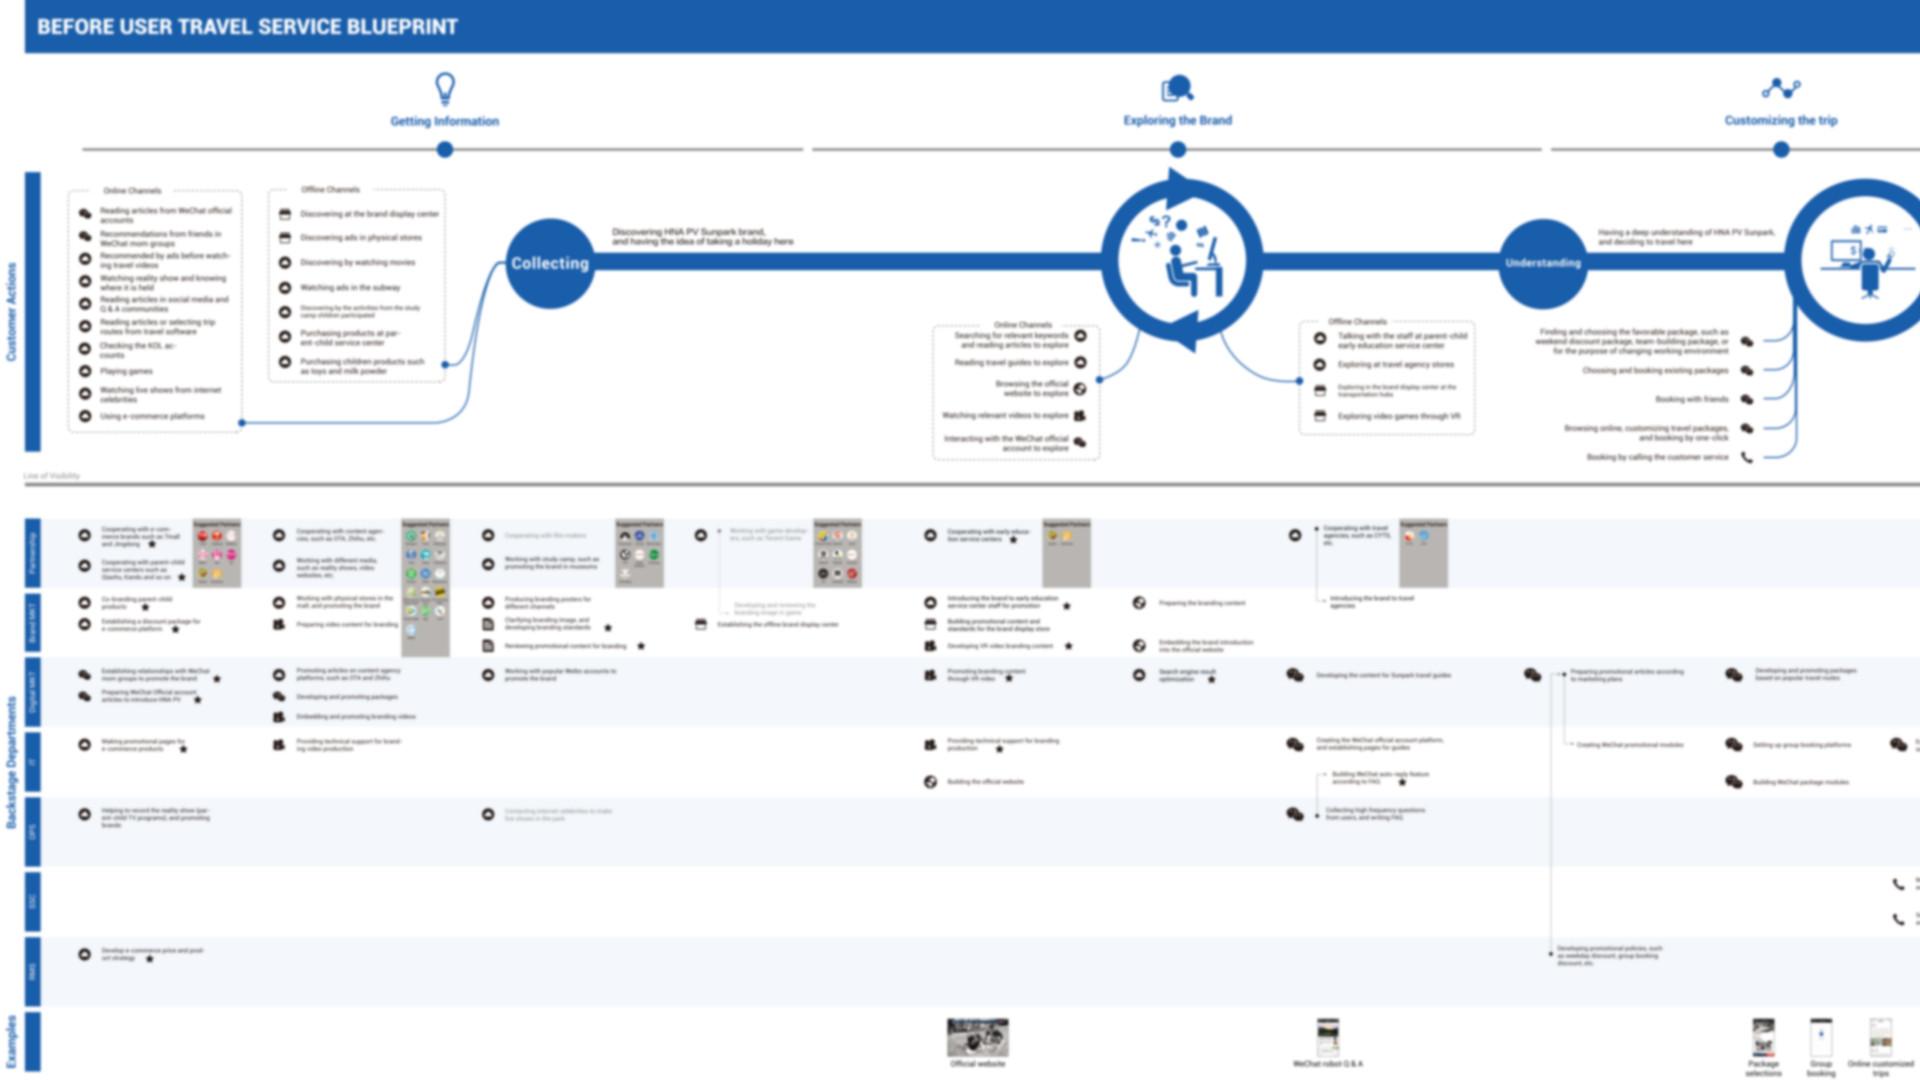 Before User Travel Service Blueprint.jpg